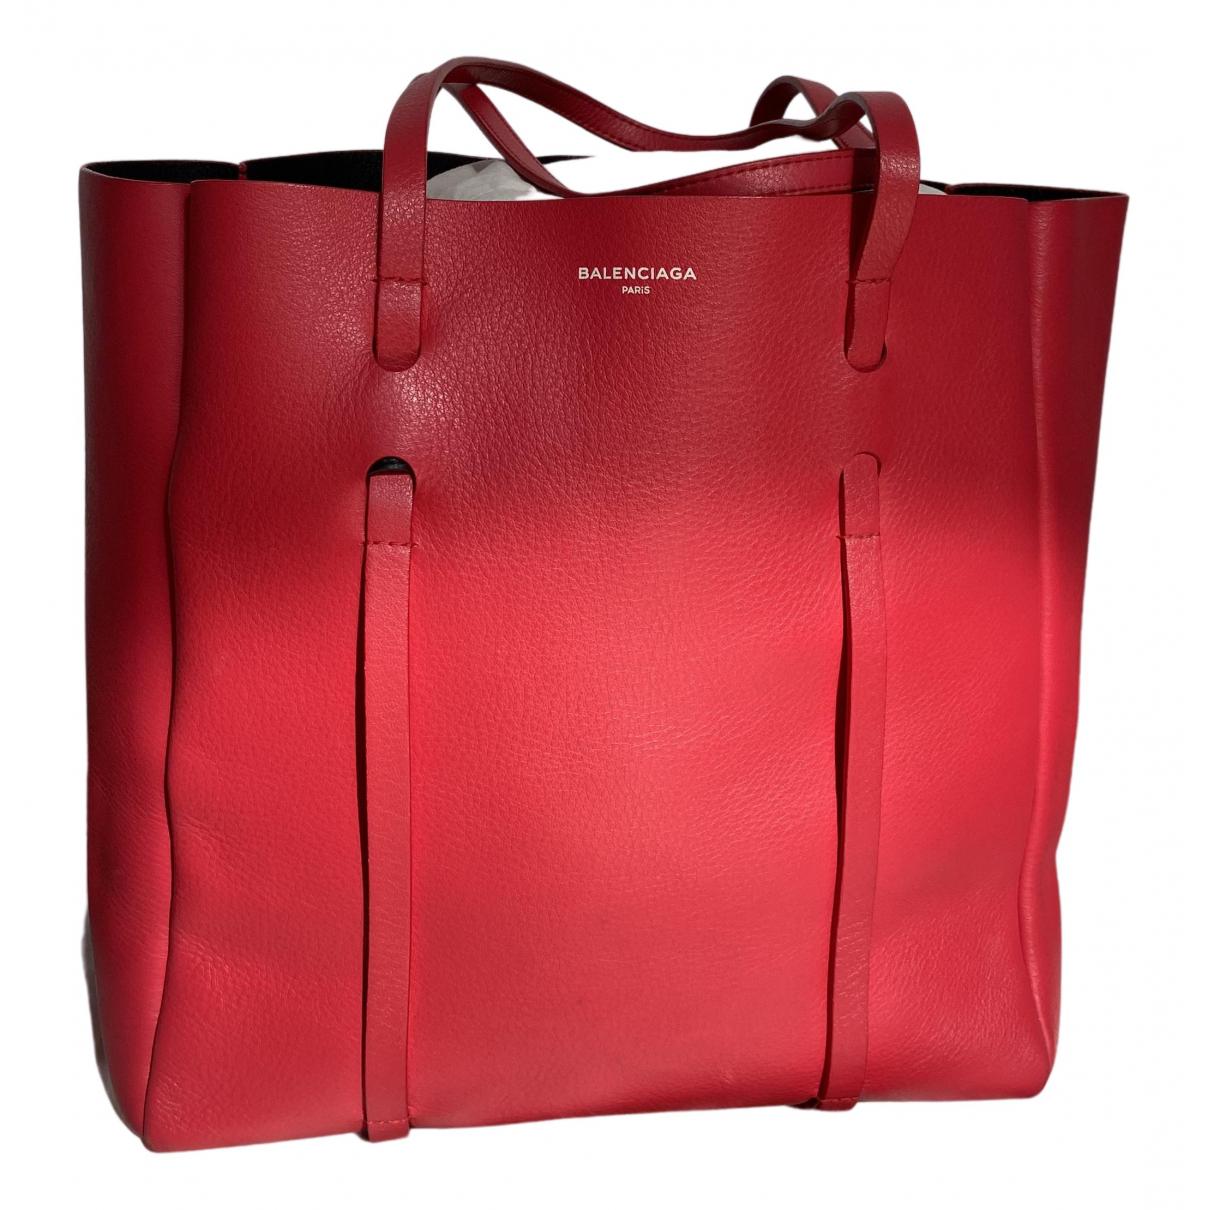 Balenciaga N Red Leather handbag for Women N